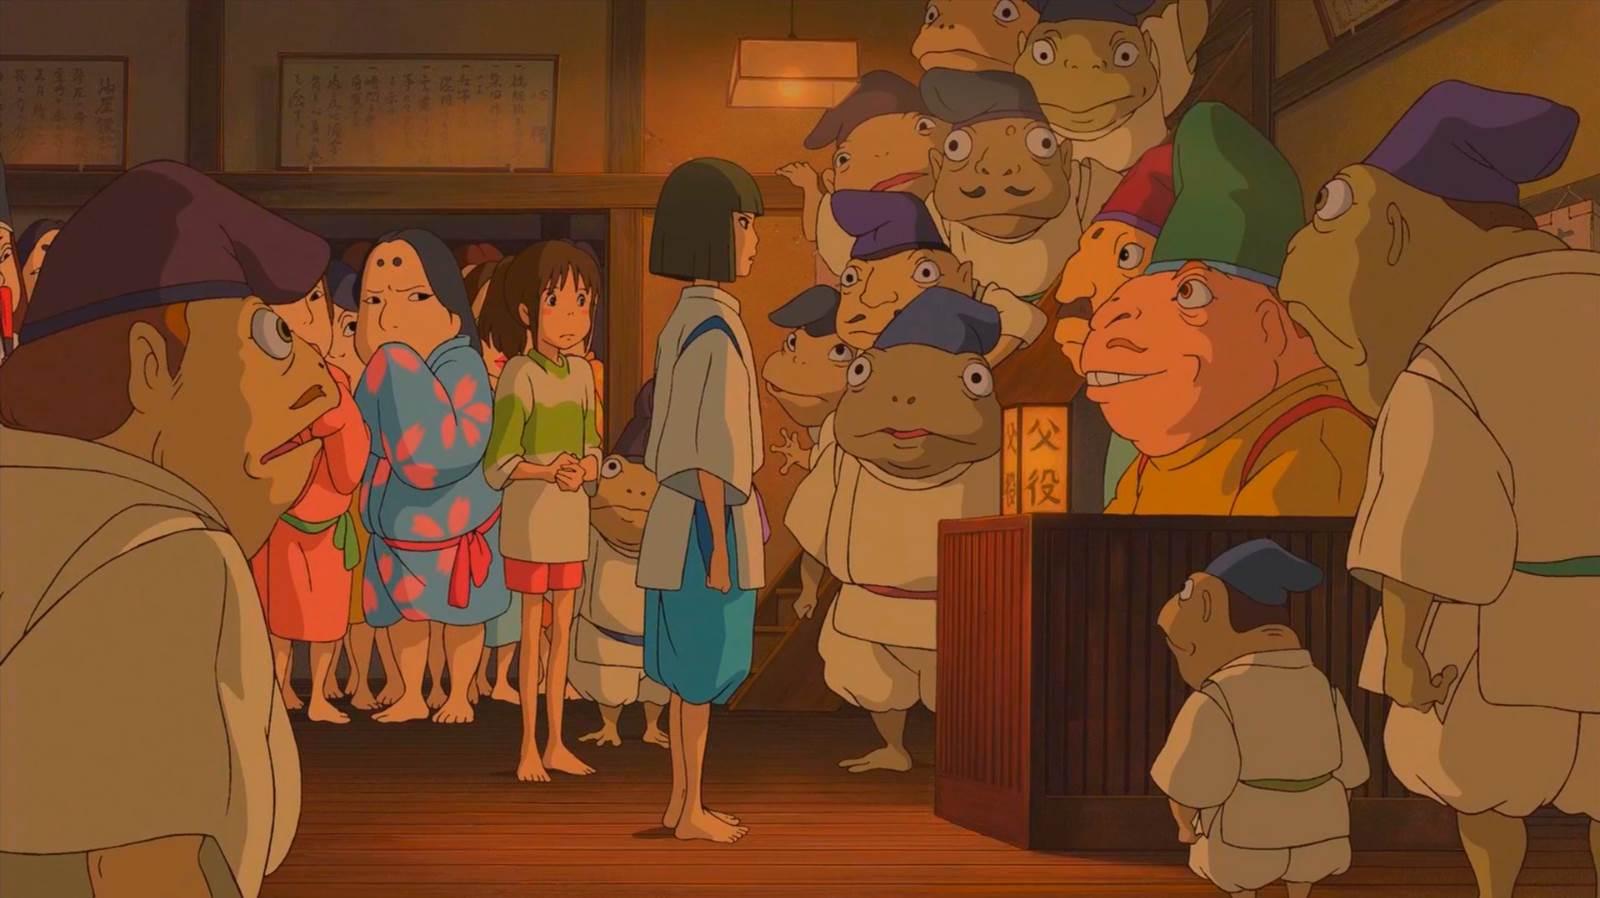 Sen to Chihiro no Kamikakushi, The human smell